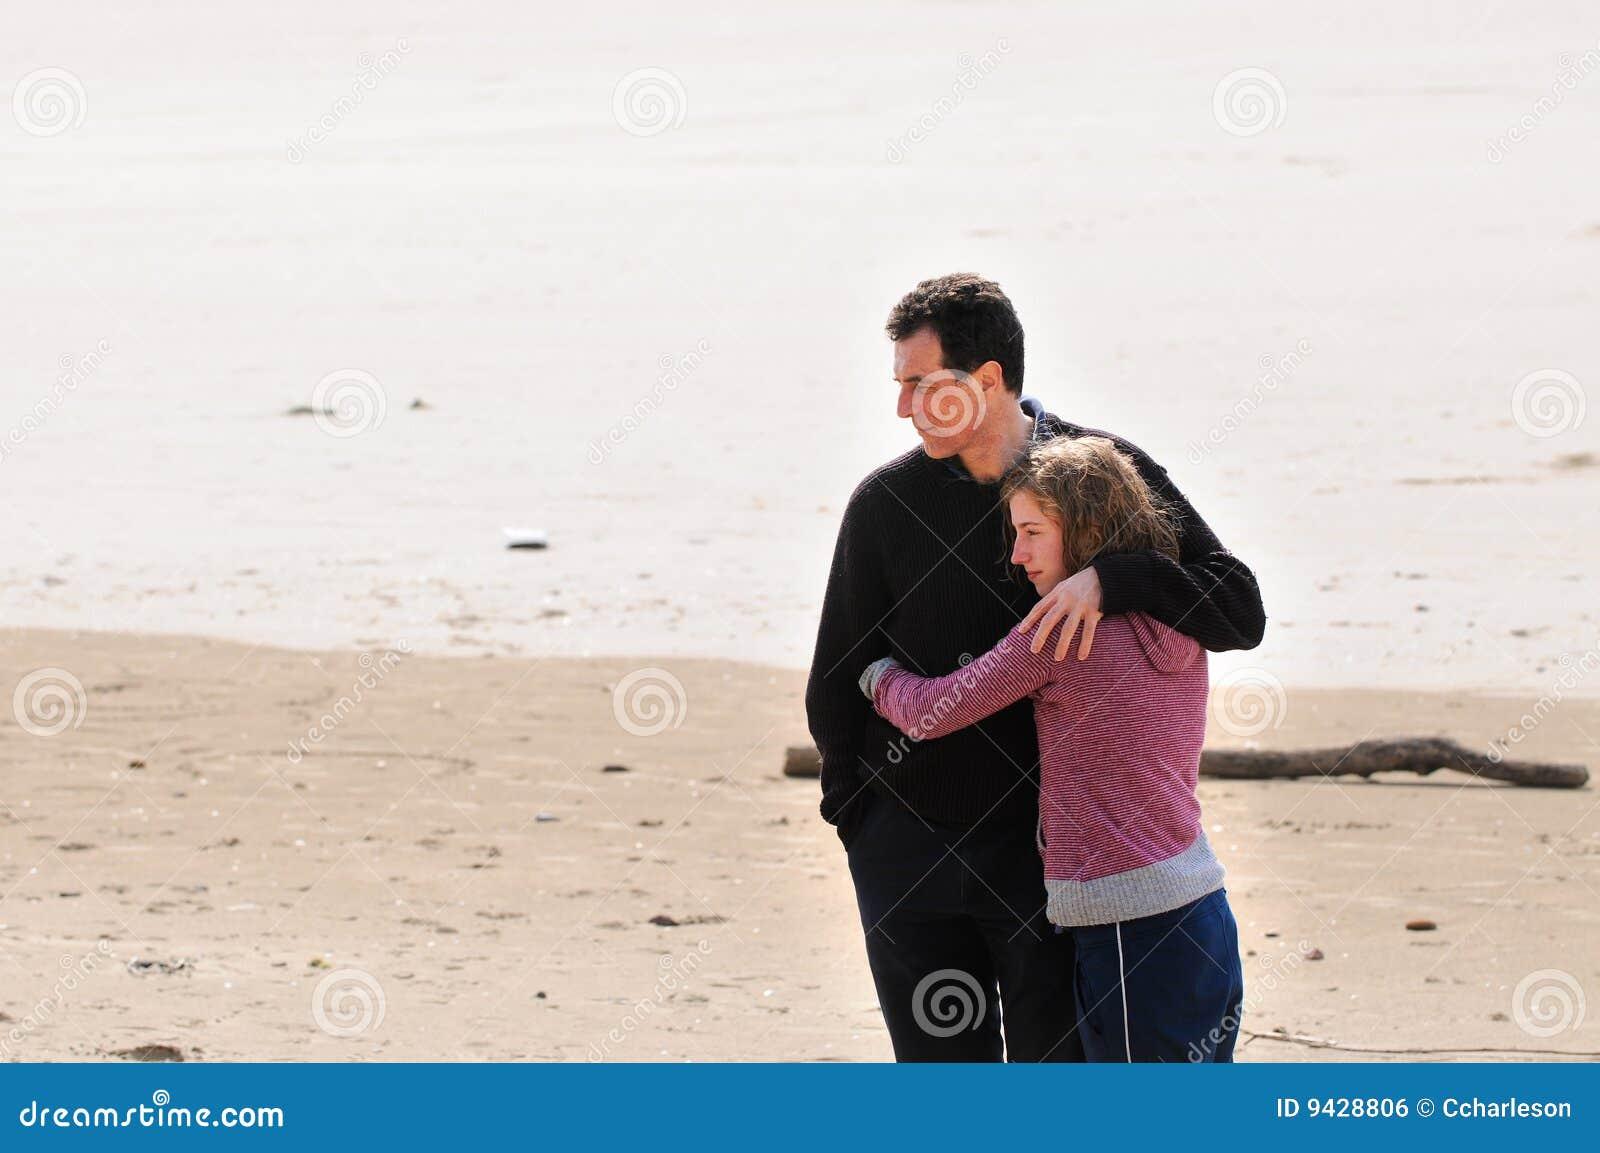 ... de archivo libre de regalías: Padre e hija adolescente en la playa